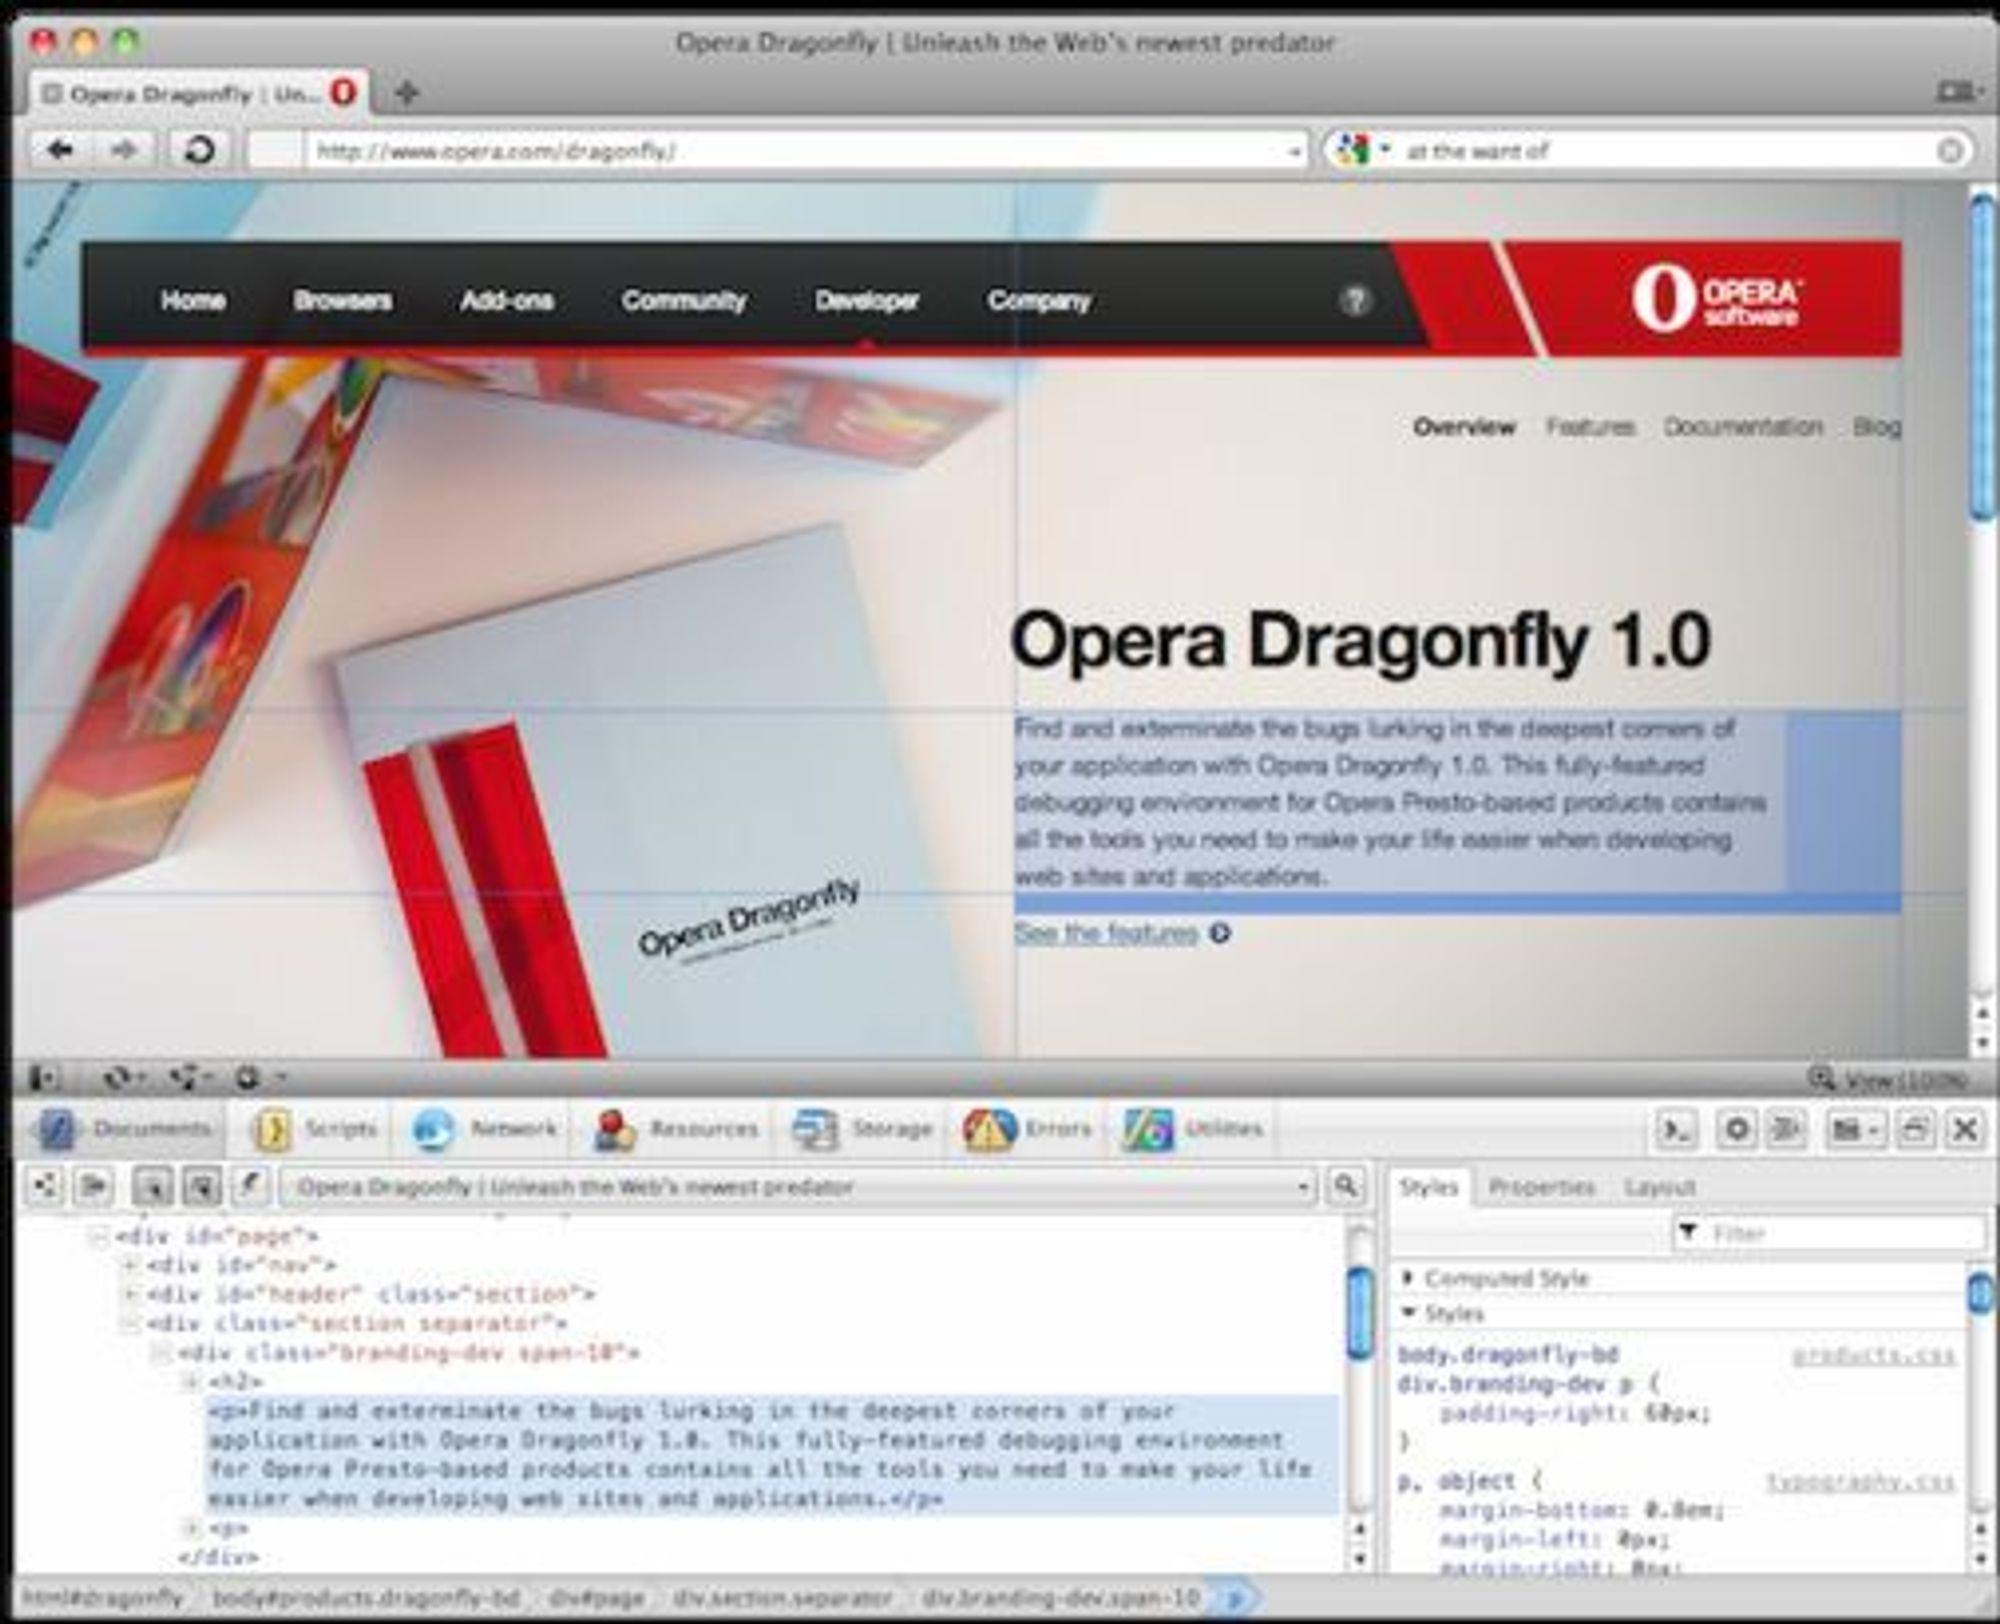 Utviklerverktøyet Opera Dragon er tett integrert med Opera-nettleseren.